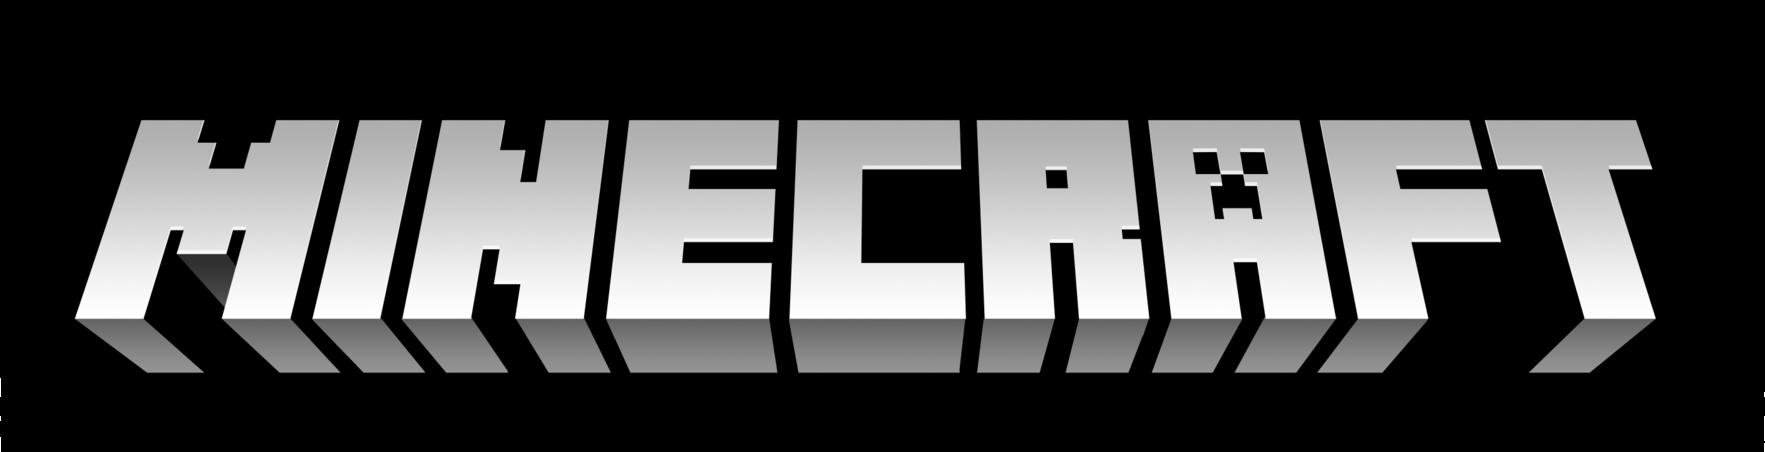 Minecraft clipart minecraft logo. Hd by nuryrush da